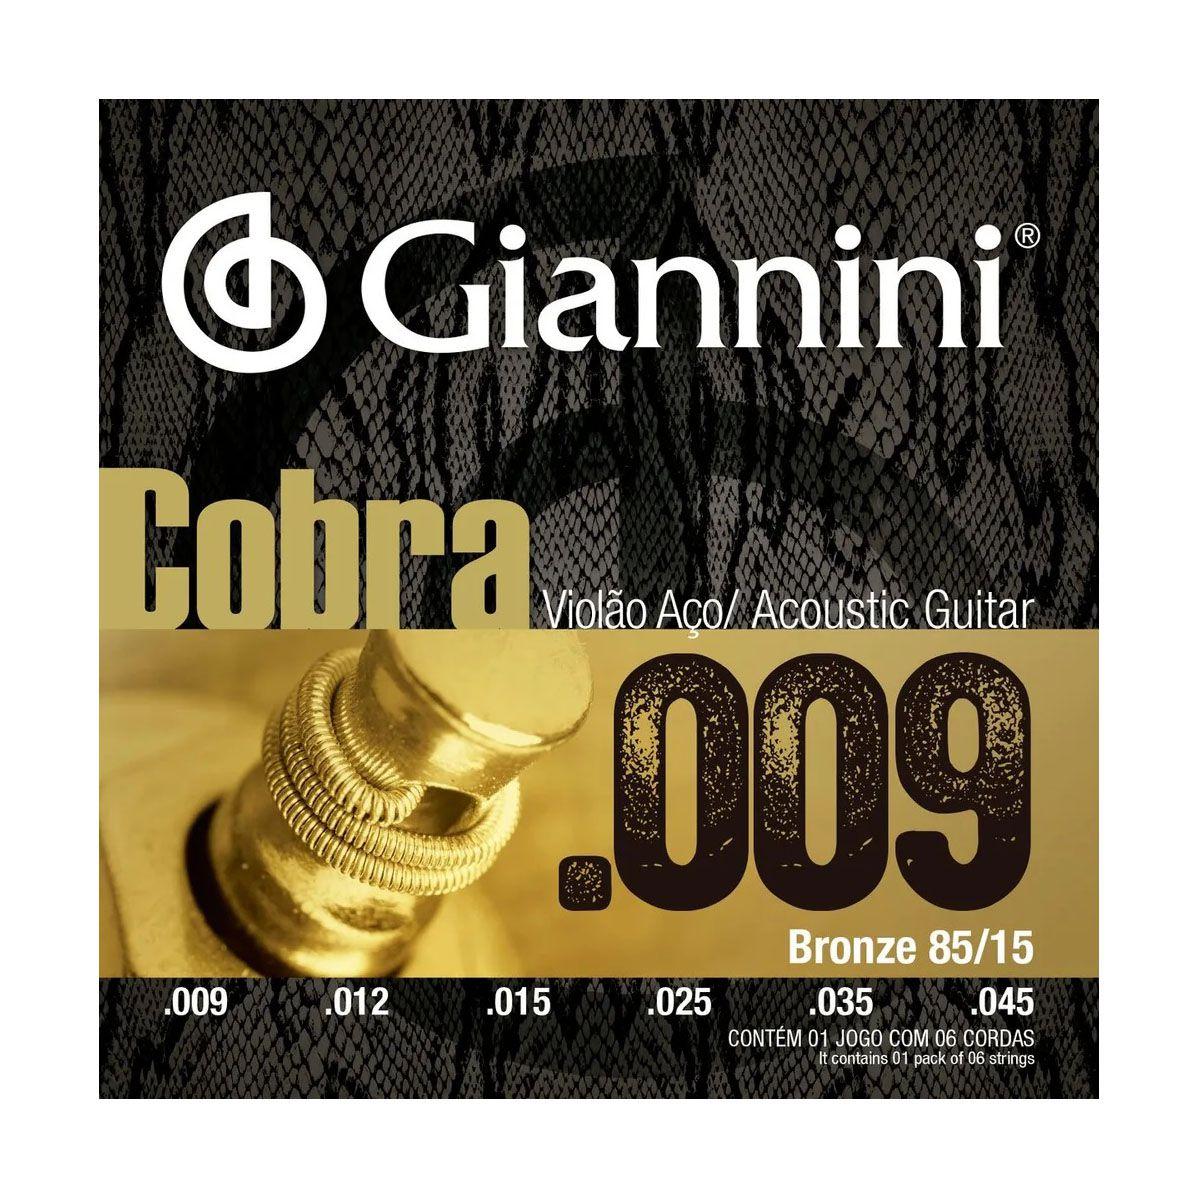 Encordoamento Giannini GEEWAK .009/.045 para Violão Aço